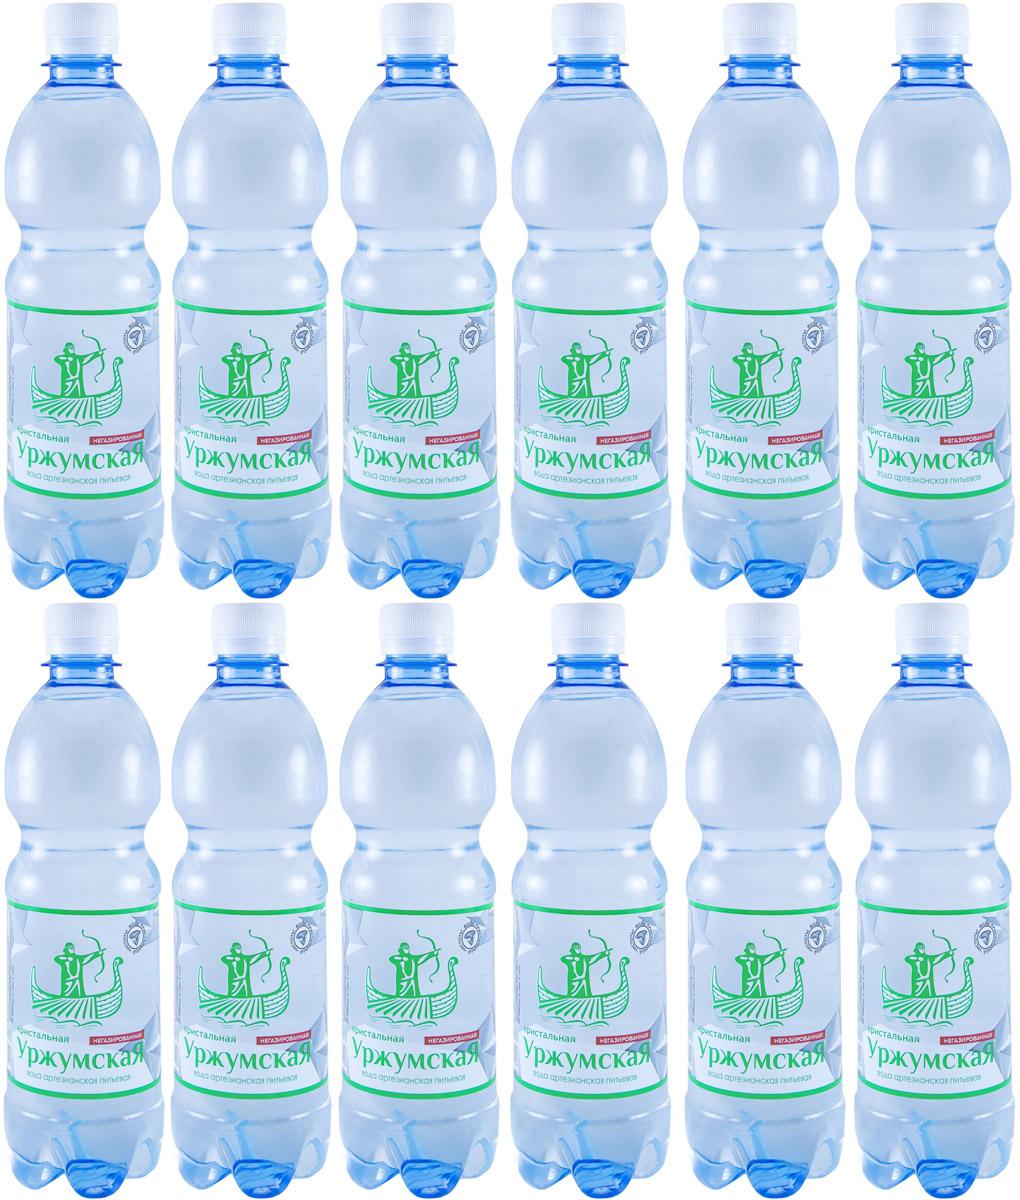 Уржумская Кристальная вода питьевая негазированная, 12 шт по 0,5 л уржумский квас для окрошки 1 5 л